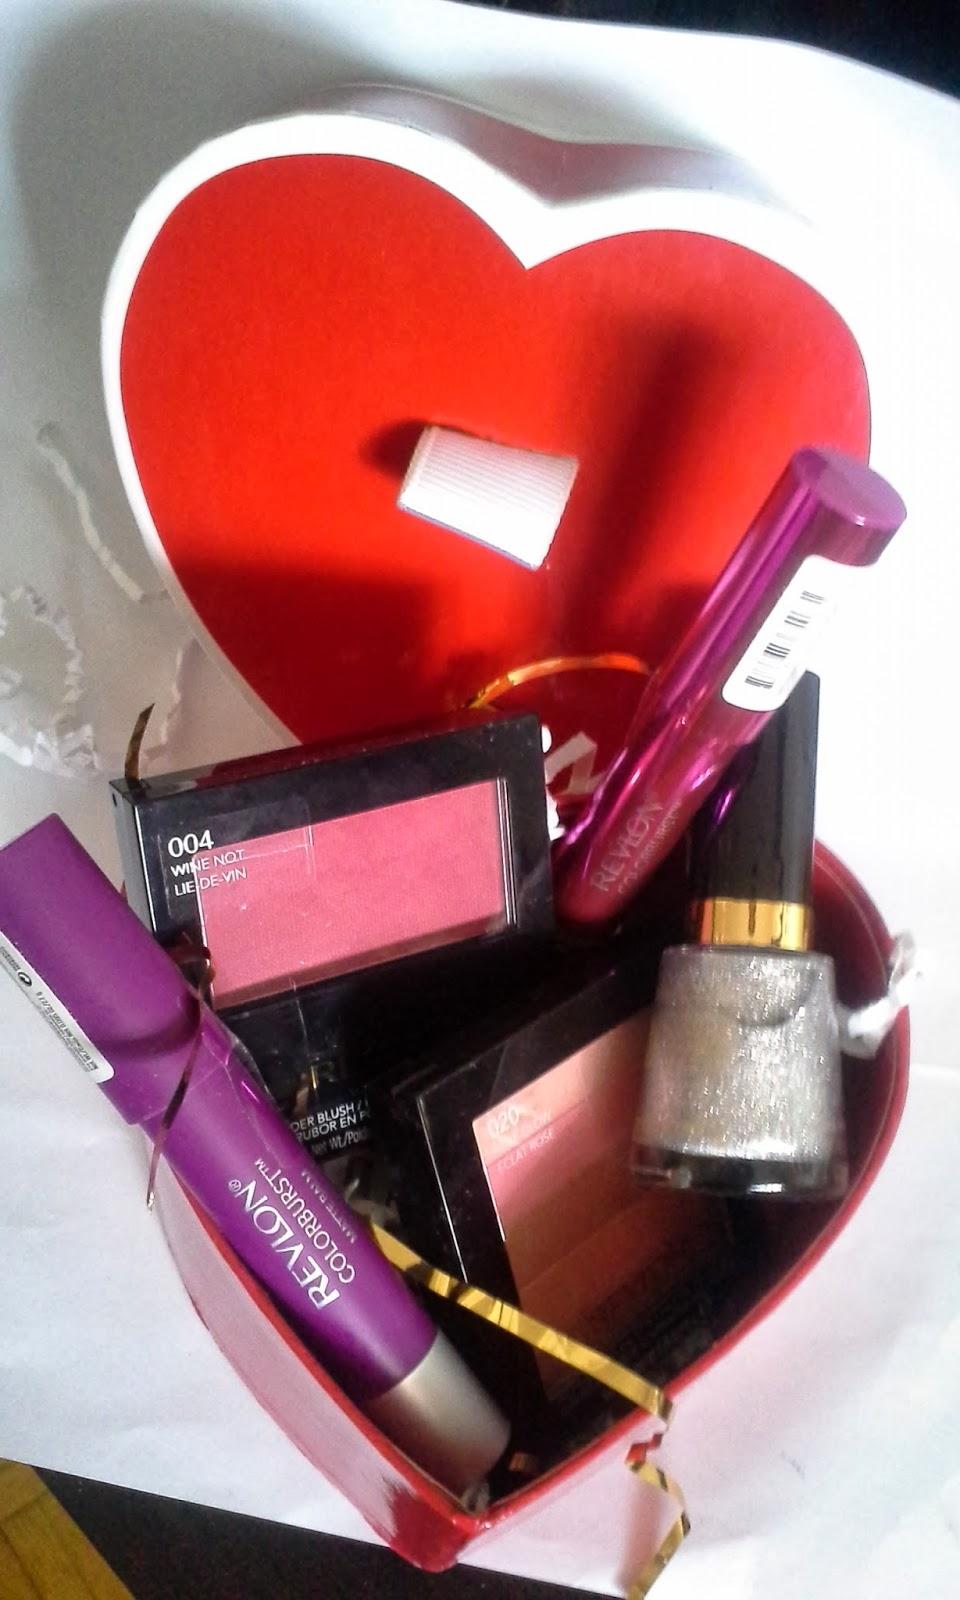 Revlon Colorburst Matte Balm, Colorburst Lacquer Balm, Nail Enamel, Powder Blush, Highlighting Palette Beauty Review Melani.Ps Makeup Nail polish Toronto The Purple Scarf